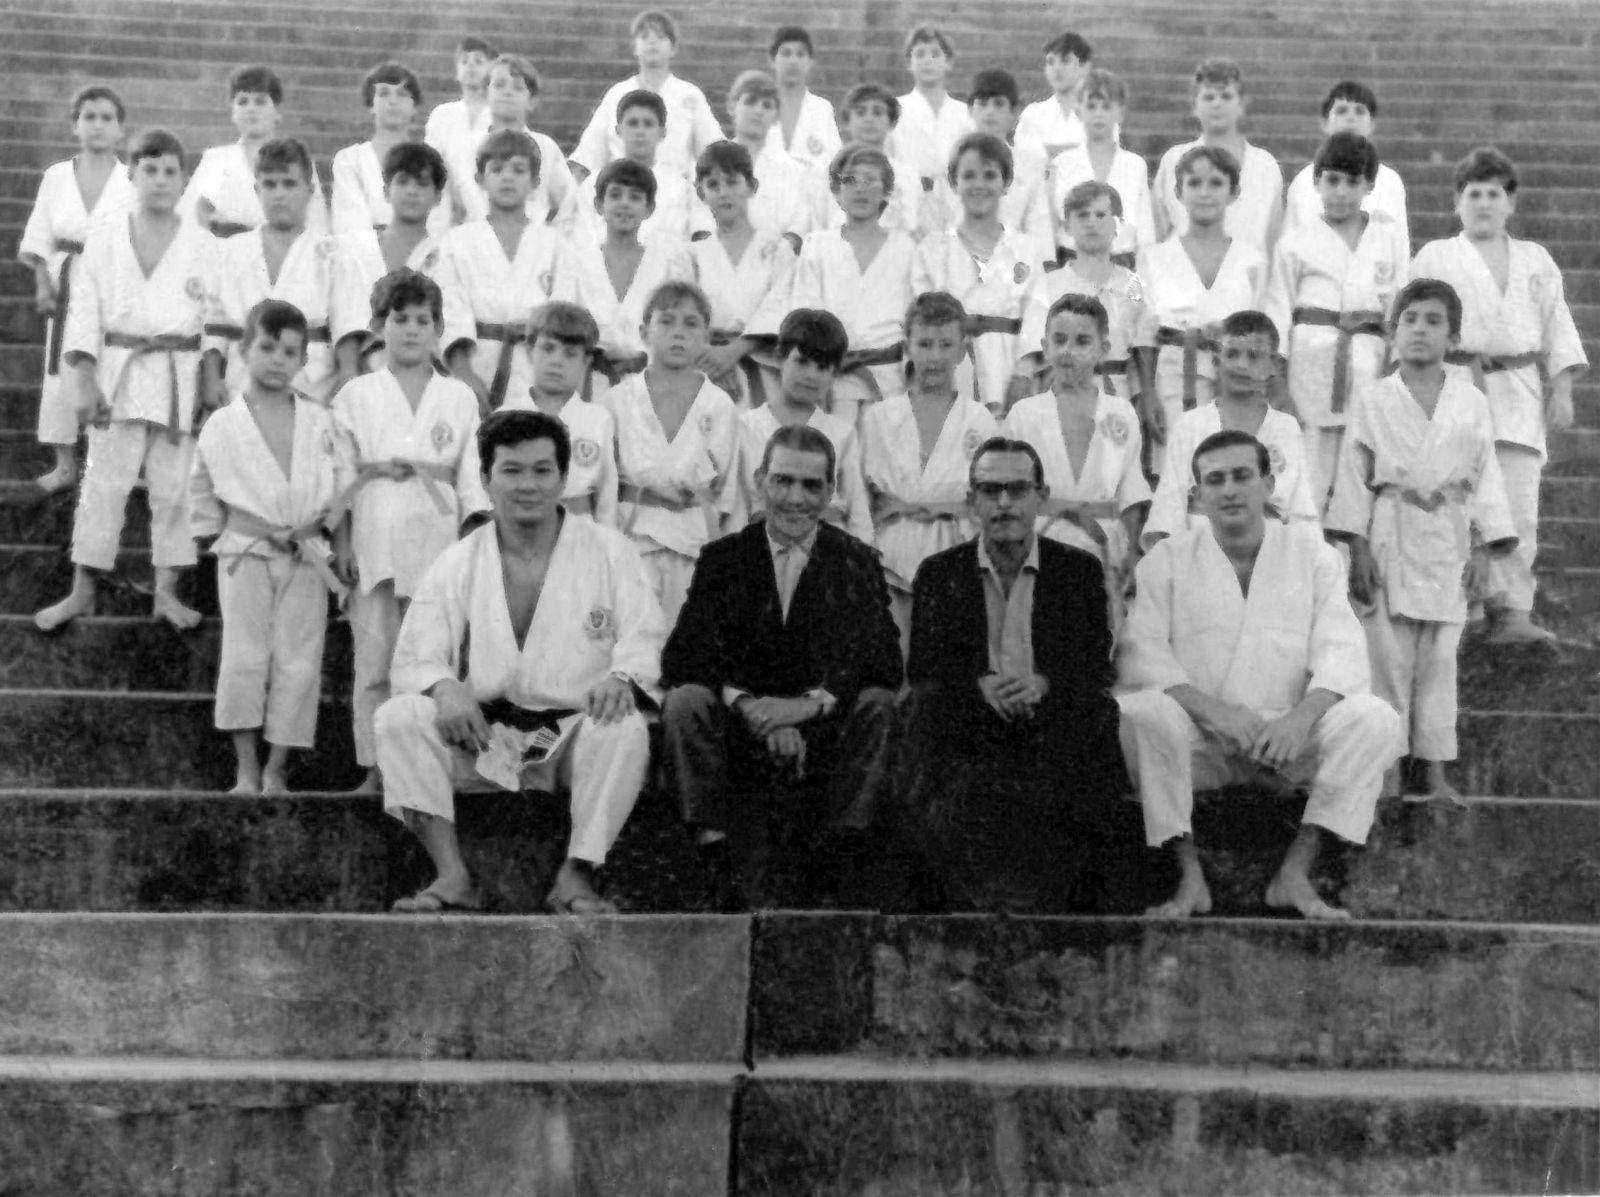 Acervo Histórico _ A primeira turma do clube que disputou o Periquito em 1968 reuniu o sensei Fukyio Nakano e o diretor Luiz Wallace Nigro na primeira fila (esq. para dir.)